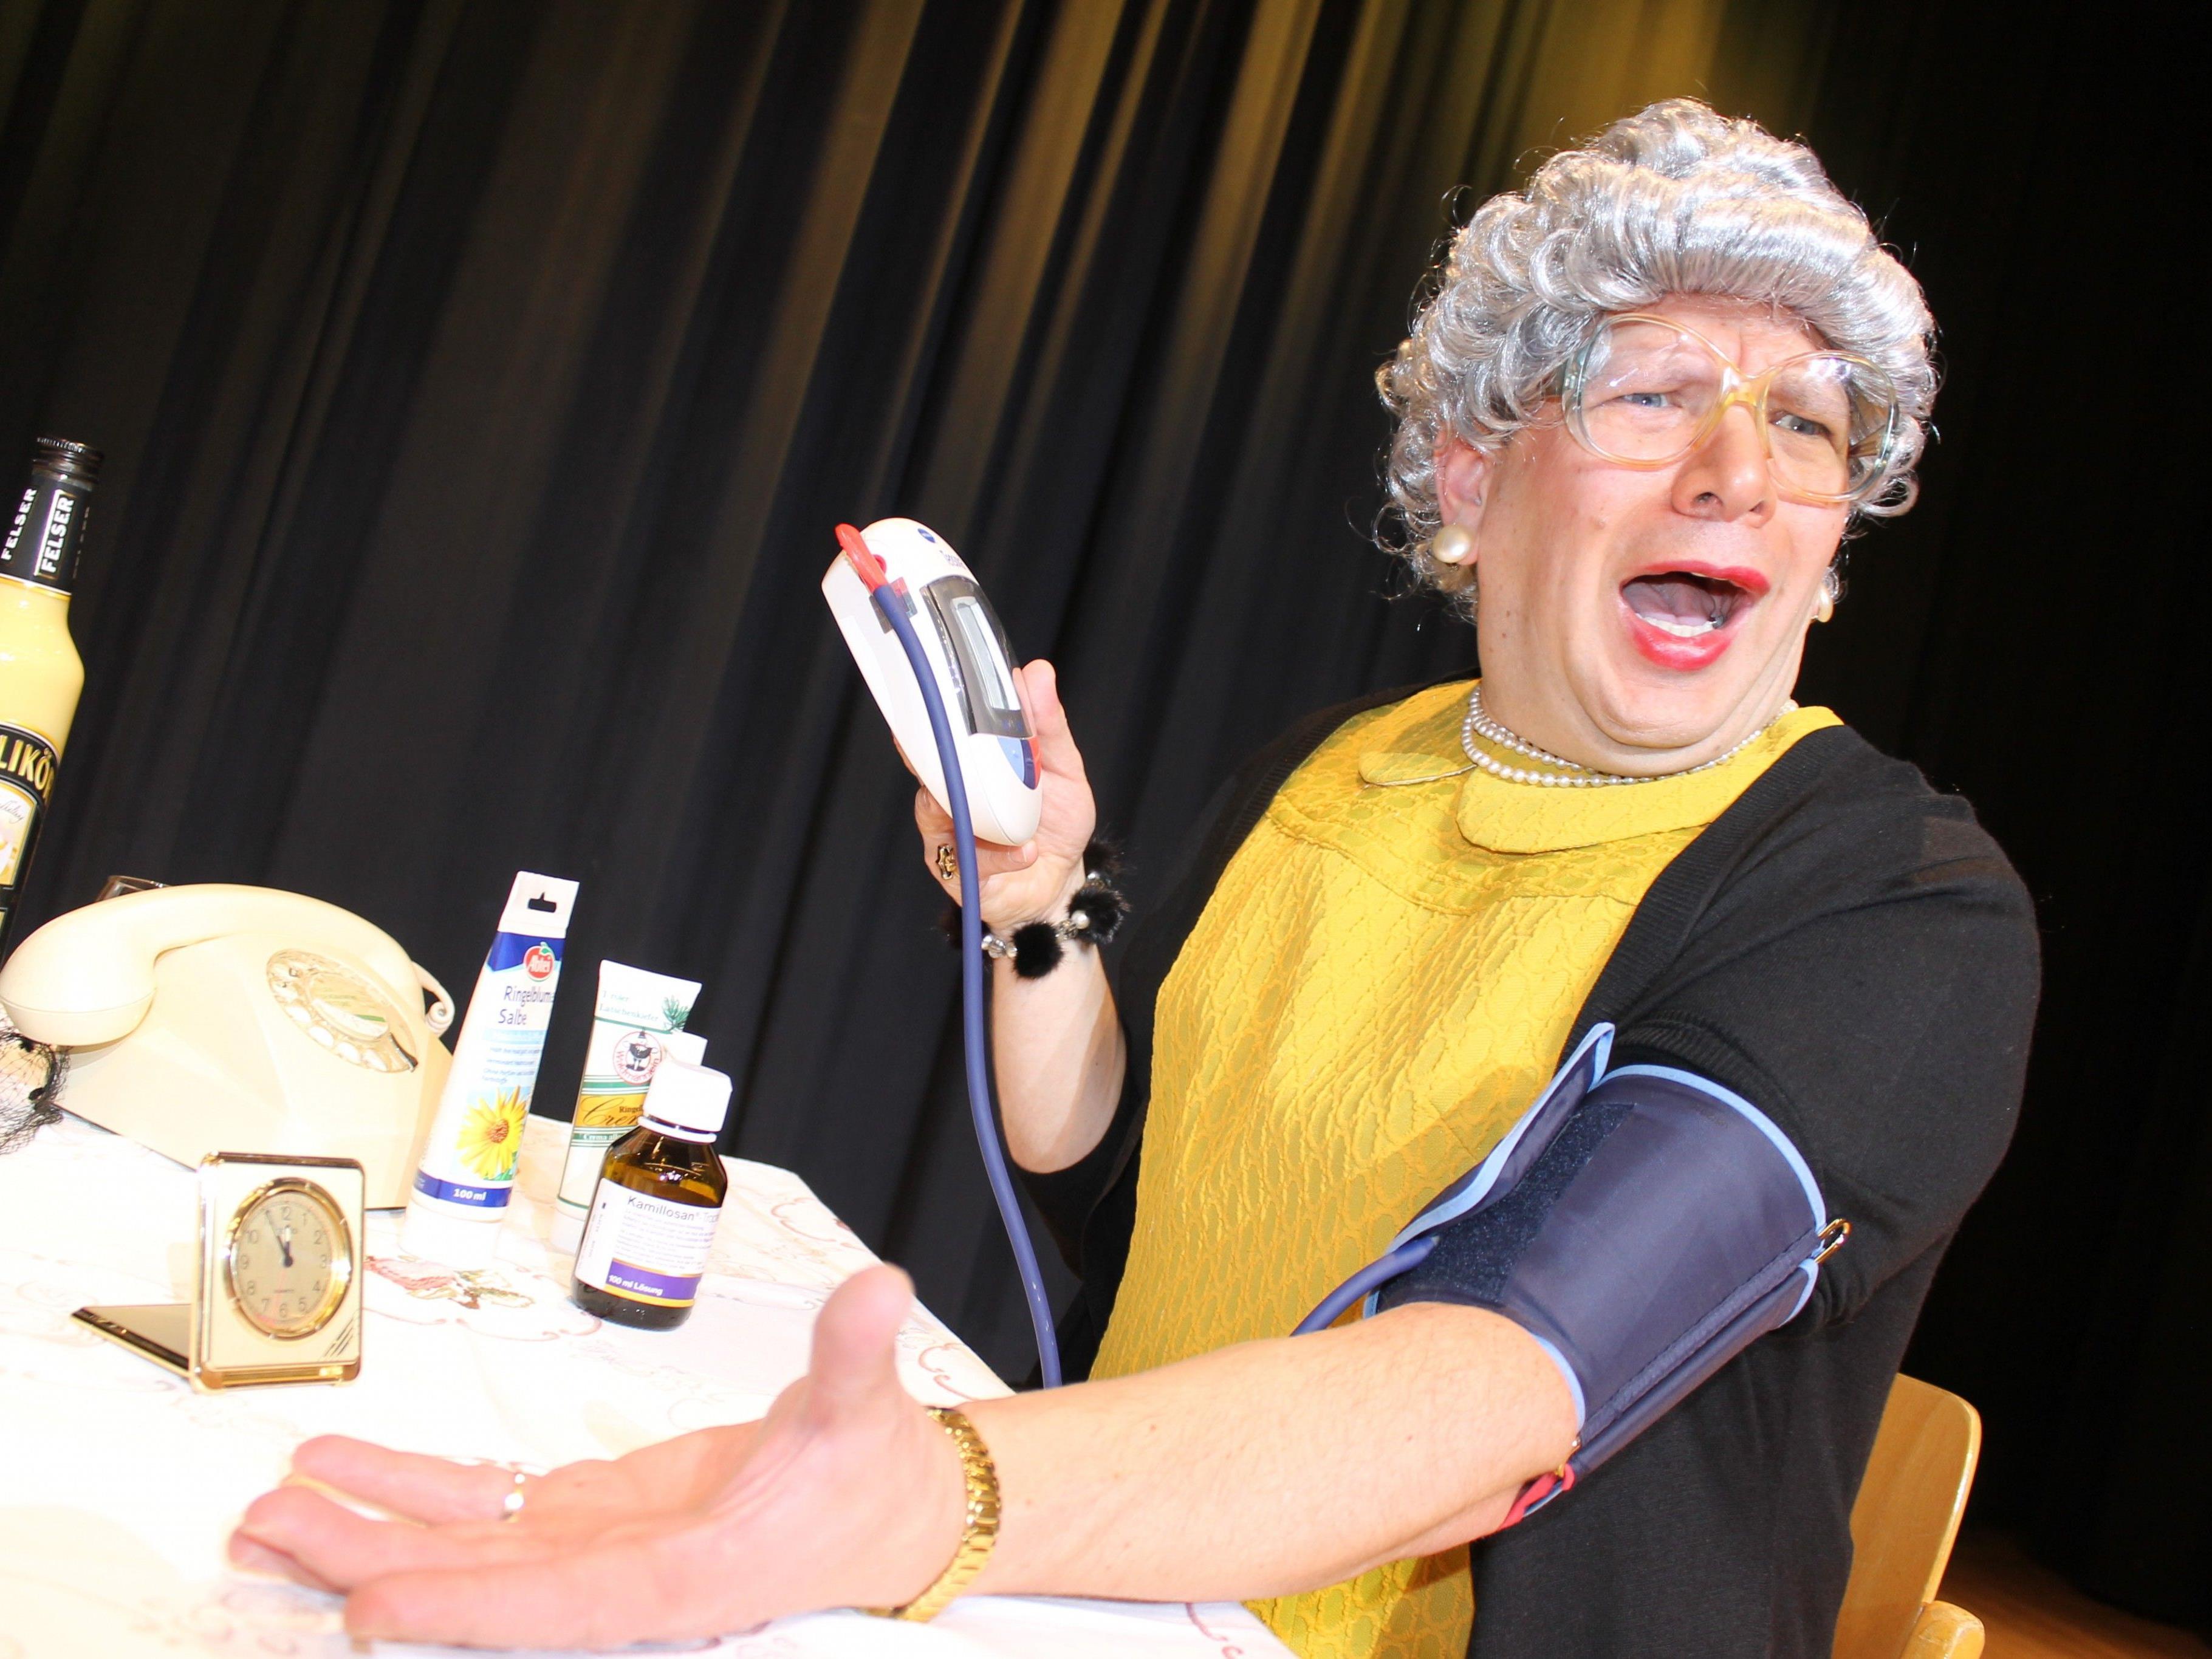 Das erfolgreiche Kabarett, von und mit Christian Mair als Oma Lilli, wird auch in der Schrunser Kulturbühne am 9. März ab 20.00 Uhr für einen humorvollen Abend sorgen